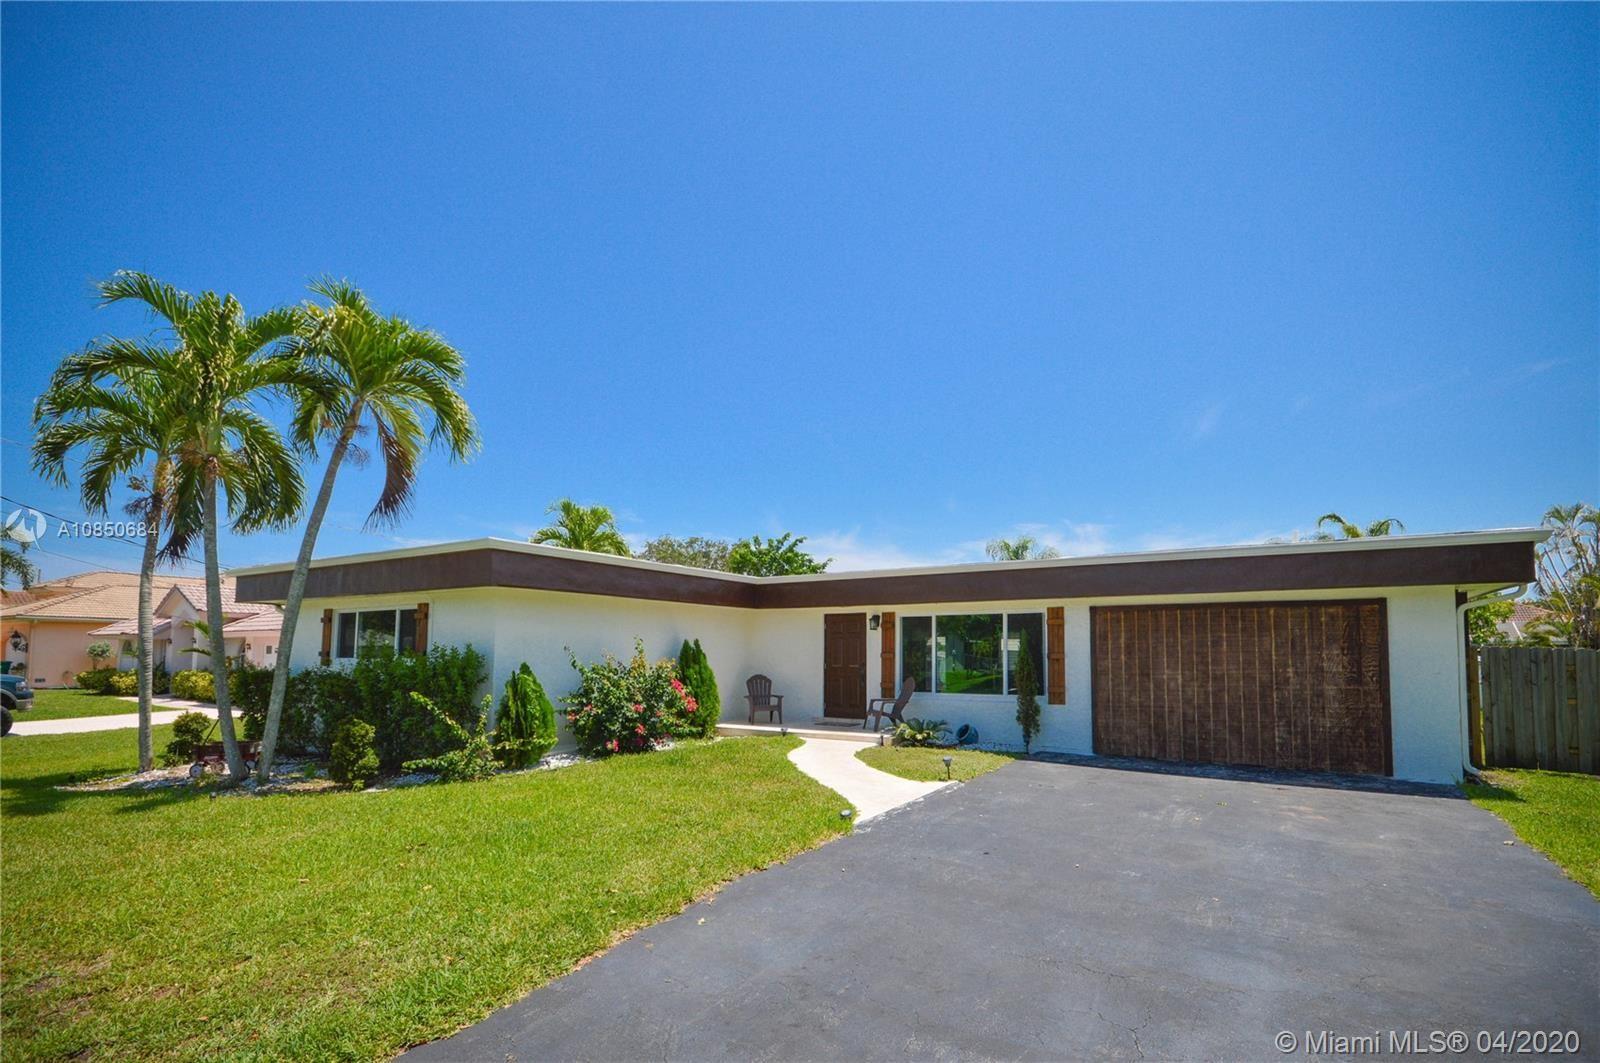 11330 NW 23rd St, Plantation, FL 33323 - #: A10850684